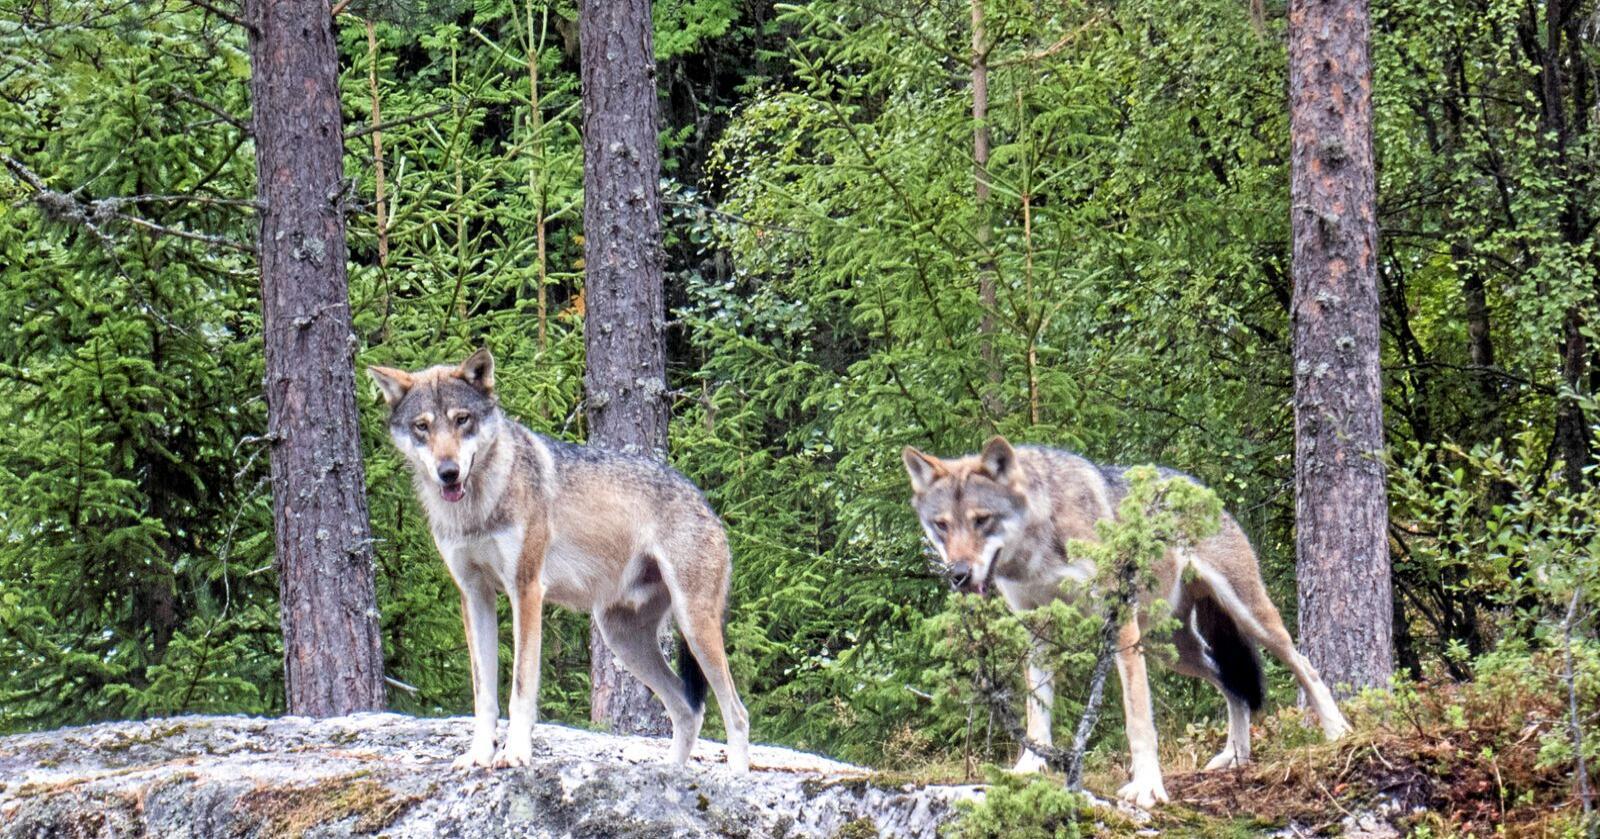 Diskusjonen om ulv har utviklet seg til en arena der det kun er plass til to skyttergraver. Til gjengjeld er de dype. Her er ulv fotografert i Bjørneparken i Flå. Foto: Paul Kleiven / NTB